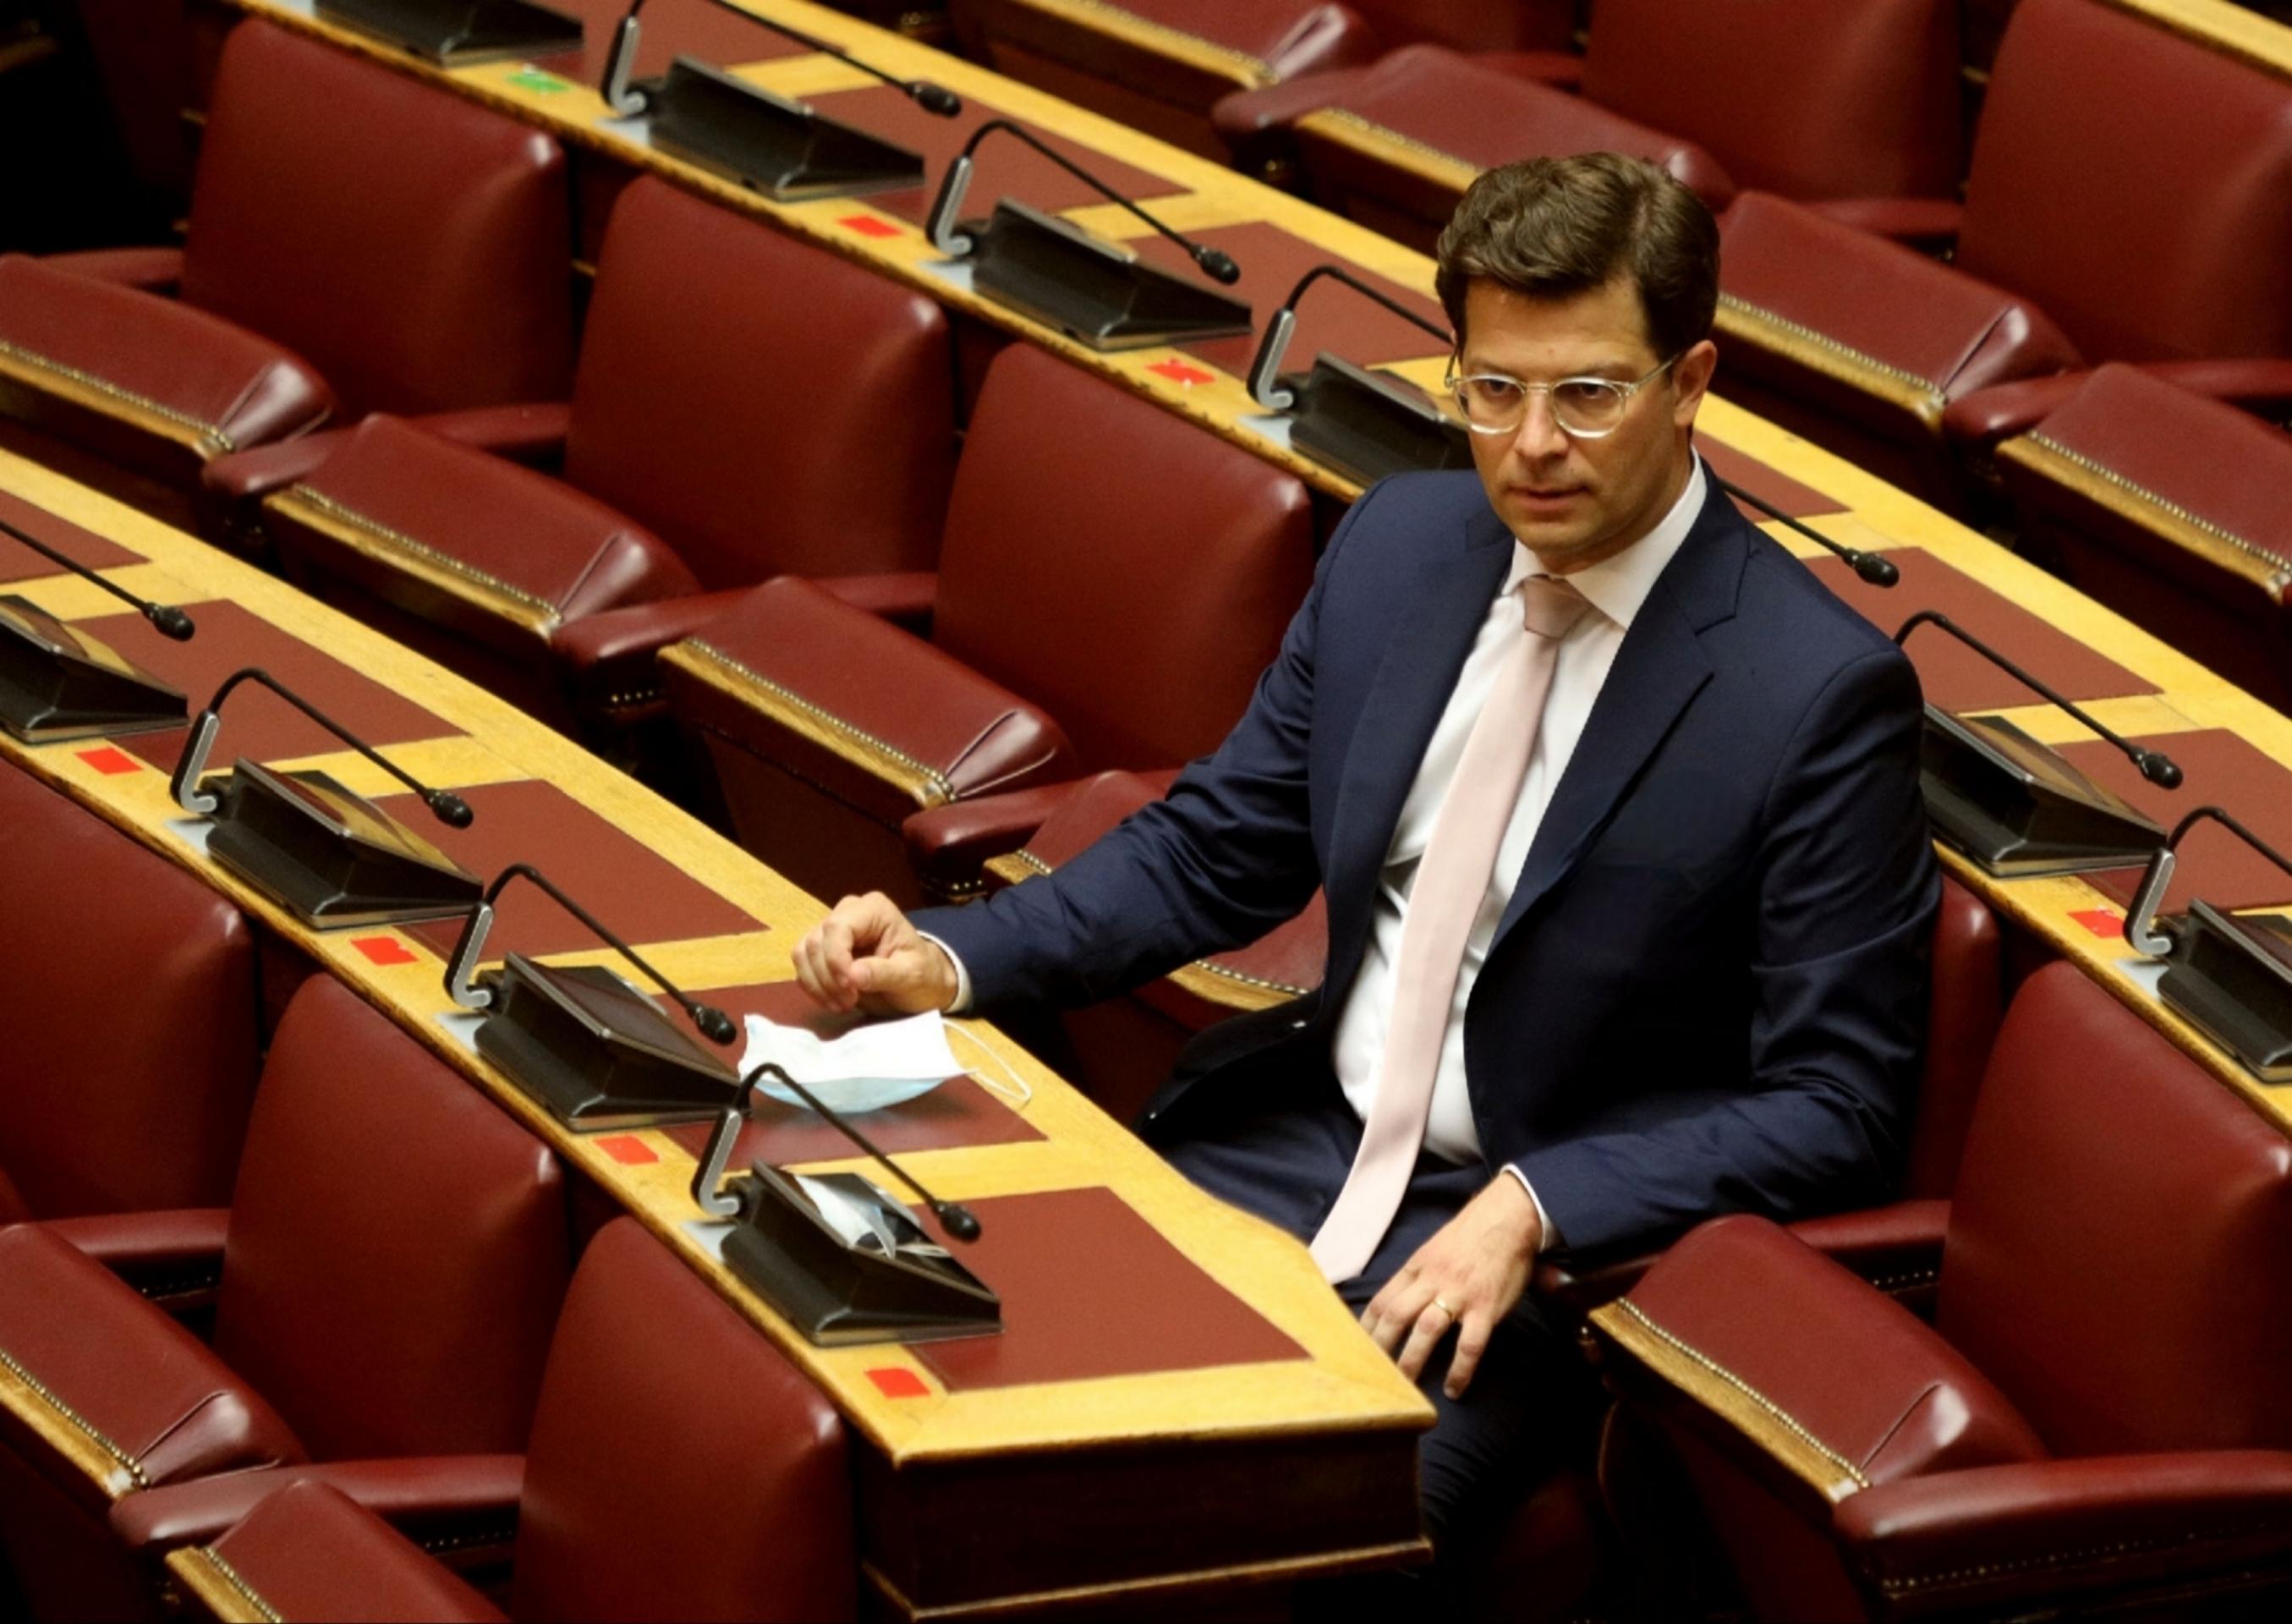 Άγγελος Τόλκας : «Η κυβερνητική αφωνία για τις εξελίξεις του Κορωνοϊού στην Ημαθία και για το νέο Lock Down είναι εκκωφαντική».